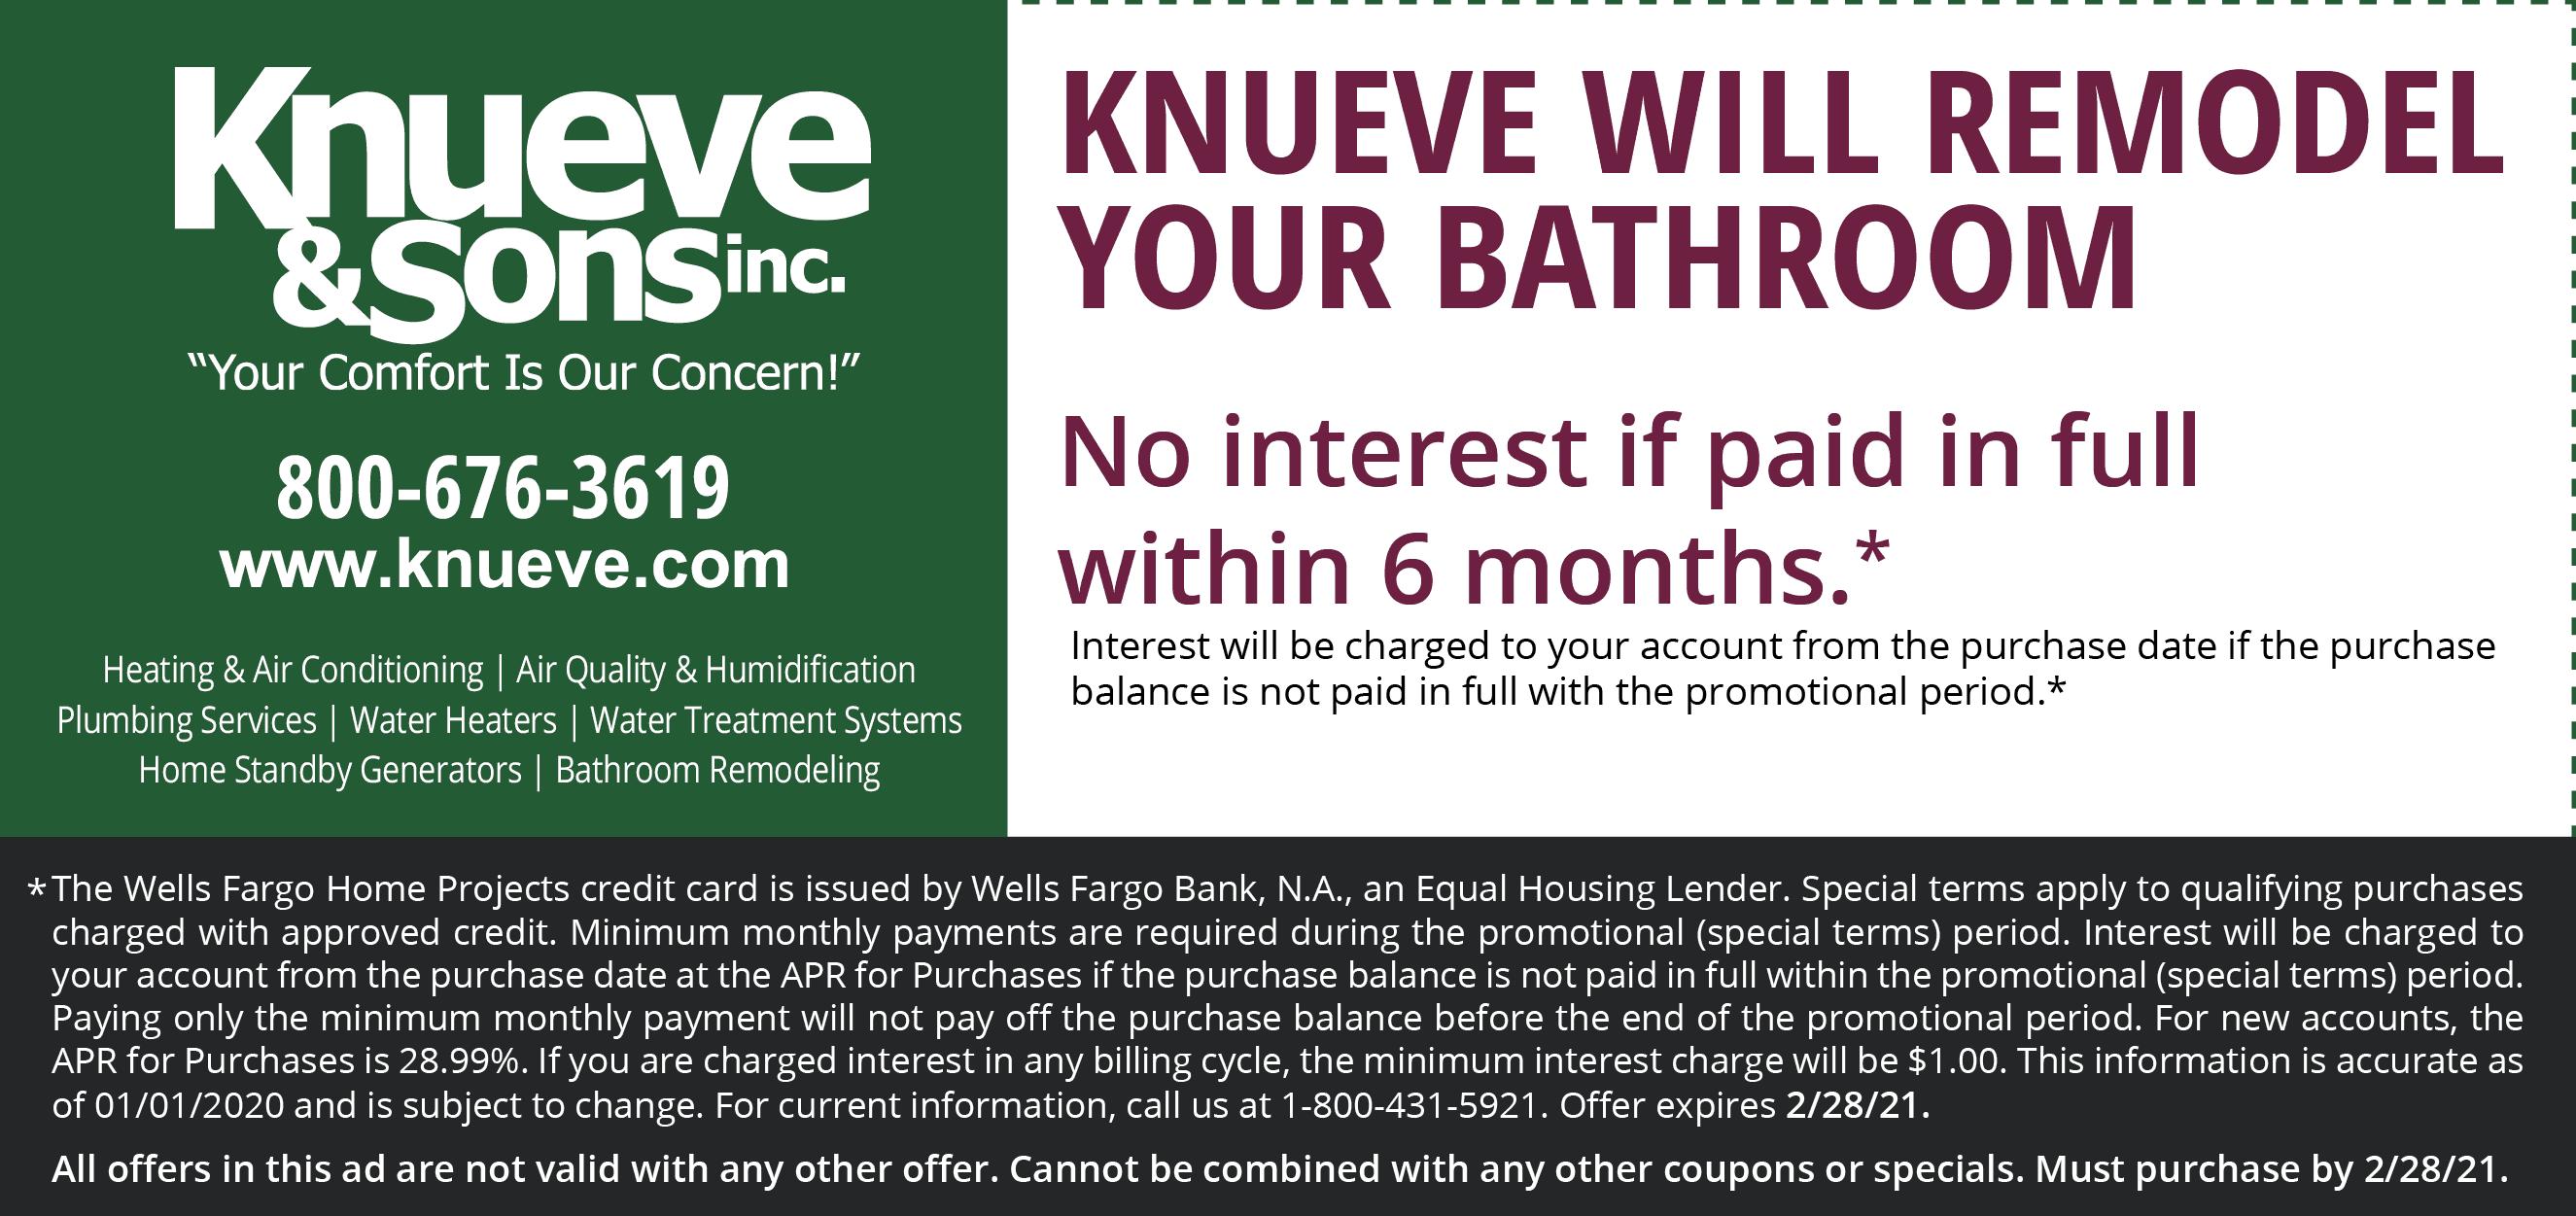 KNU-bathroom remodel